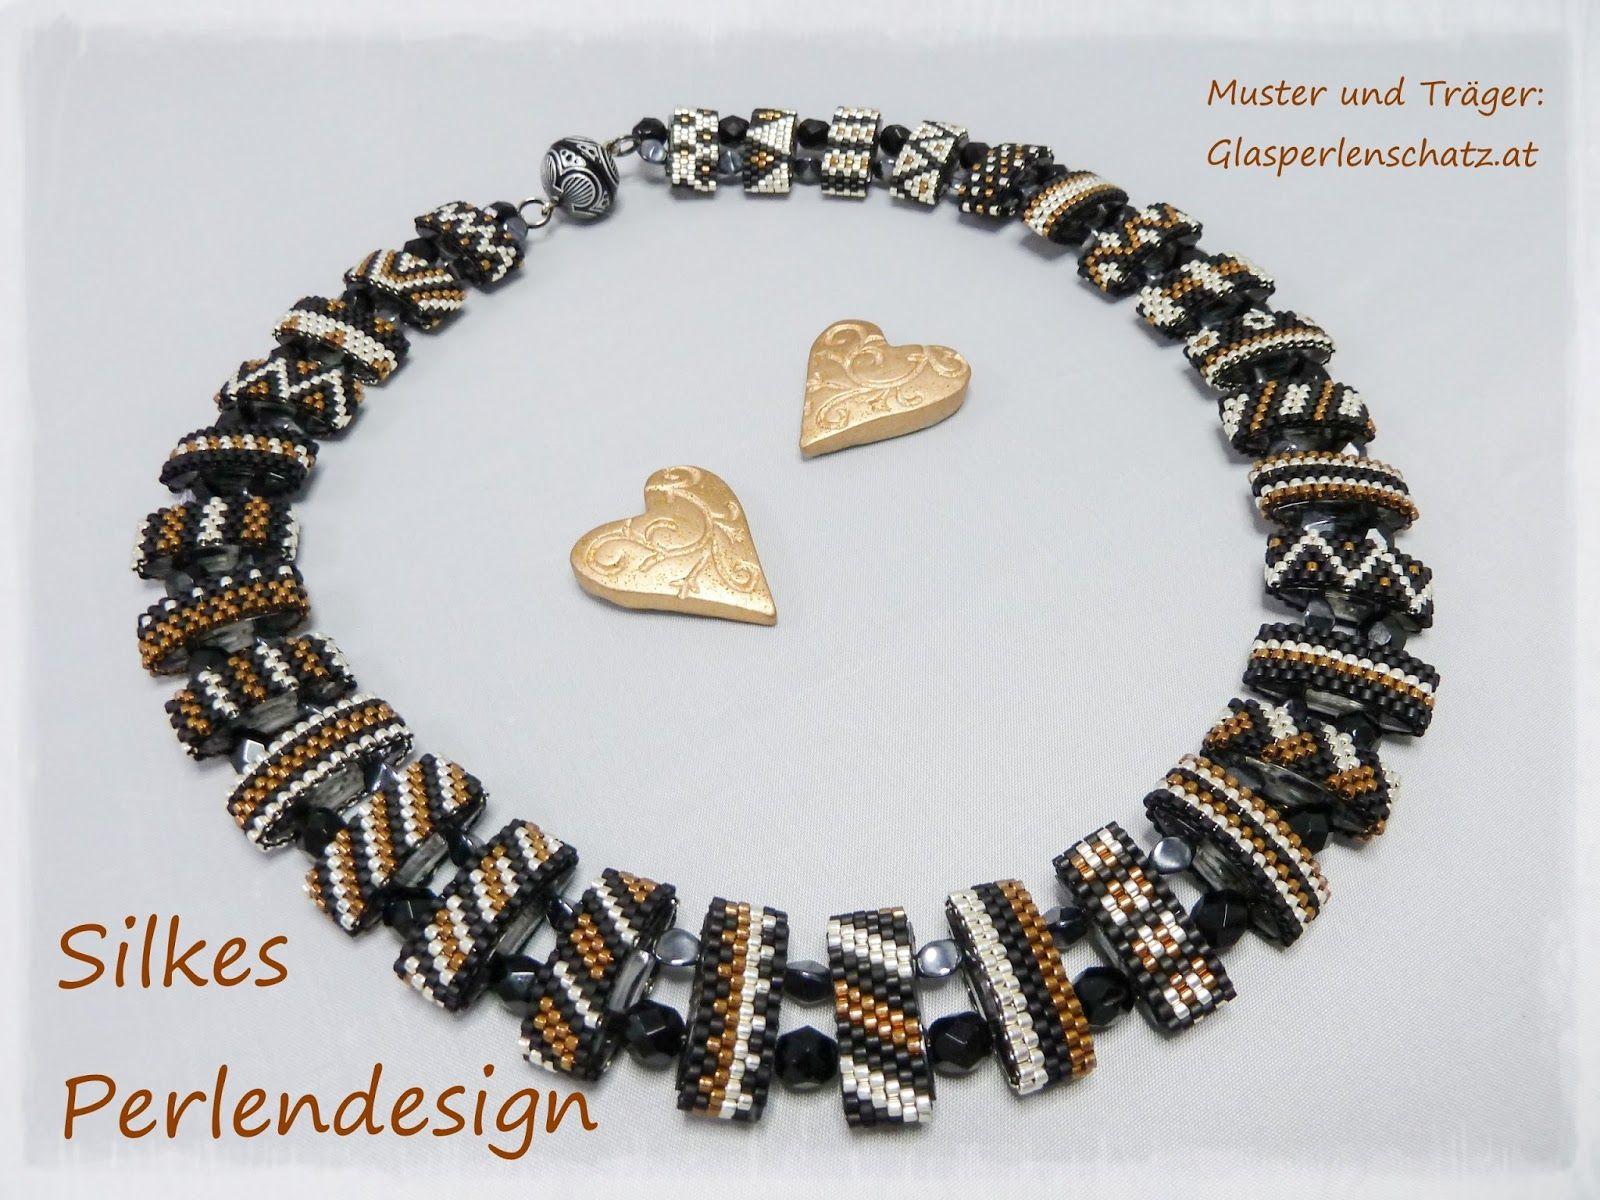 Silkes Perlendesign: Trägerperlenkette